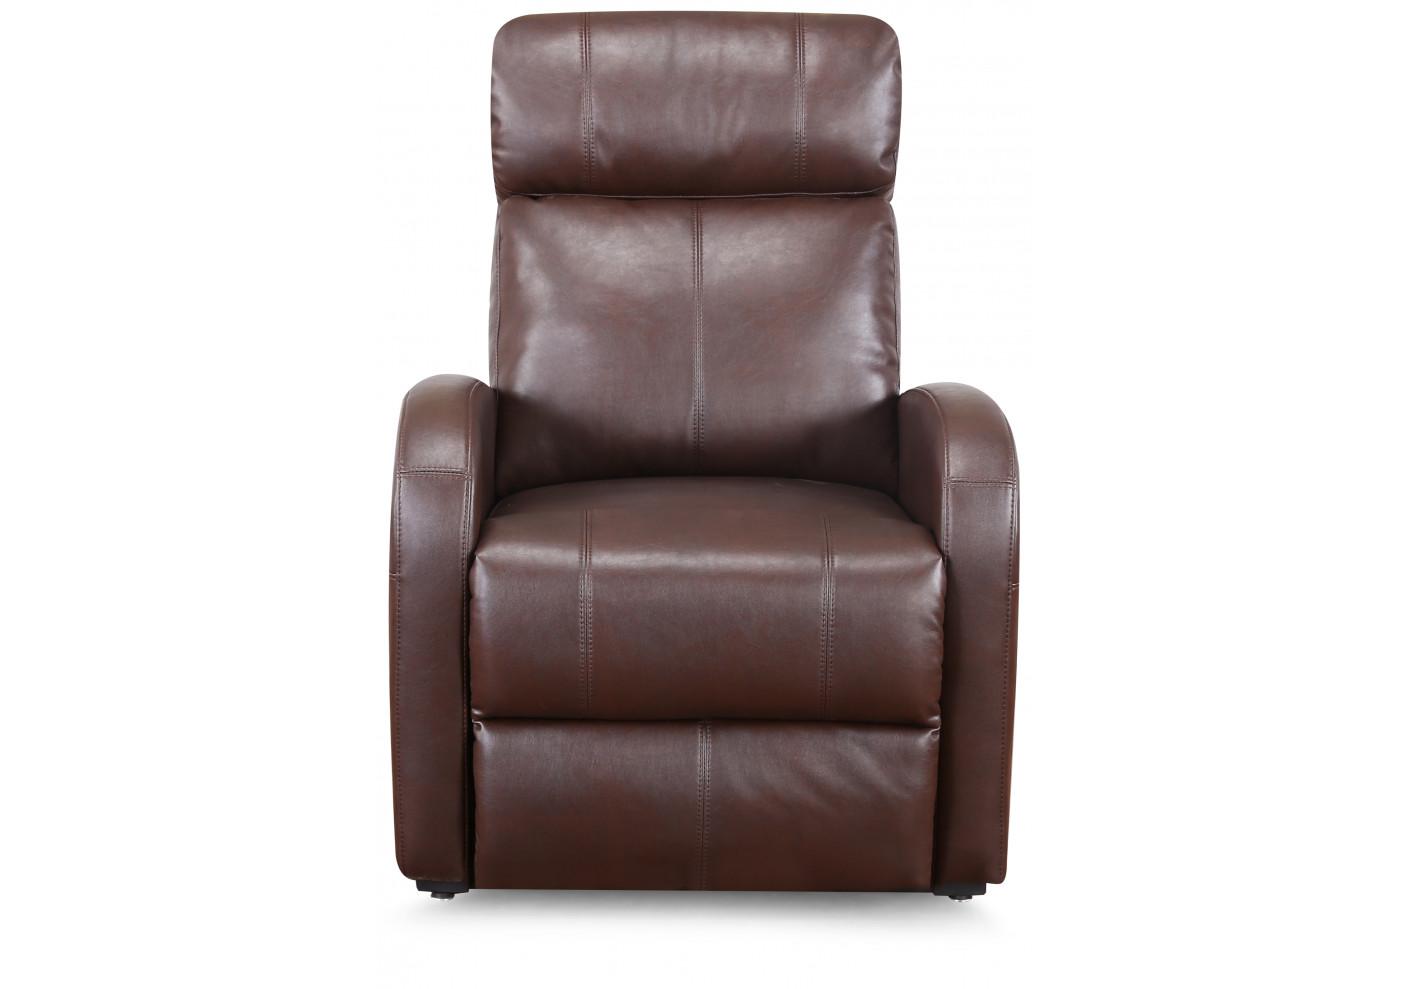 Fauteuil relax CAROLE électrique Canapés et fauteuils Salon